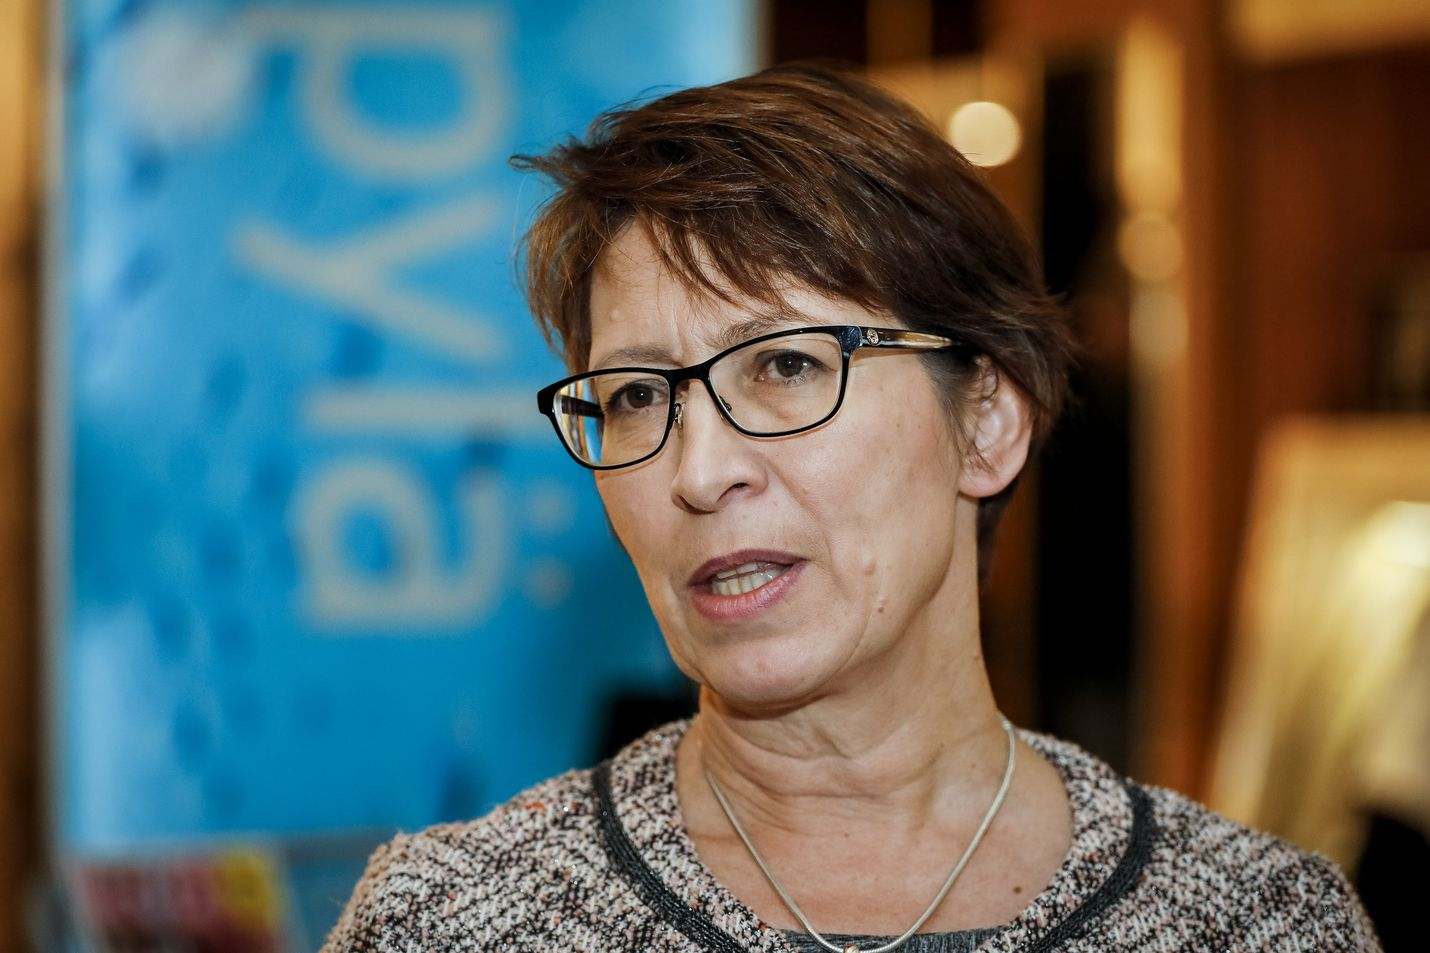 Kristillisdemokraattien Sari Essayah on luvannut ilmoittaa maanantaina jatkoaikeistaan puolueen puheenjohtajana.